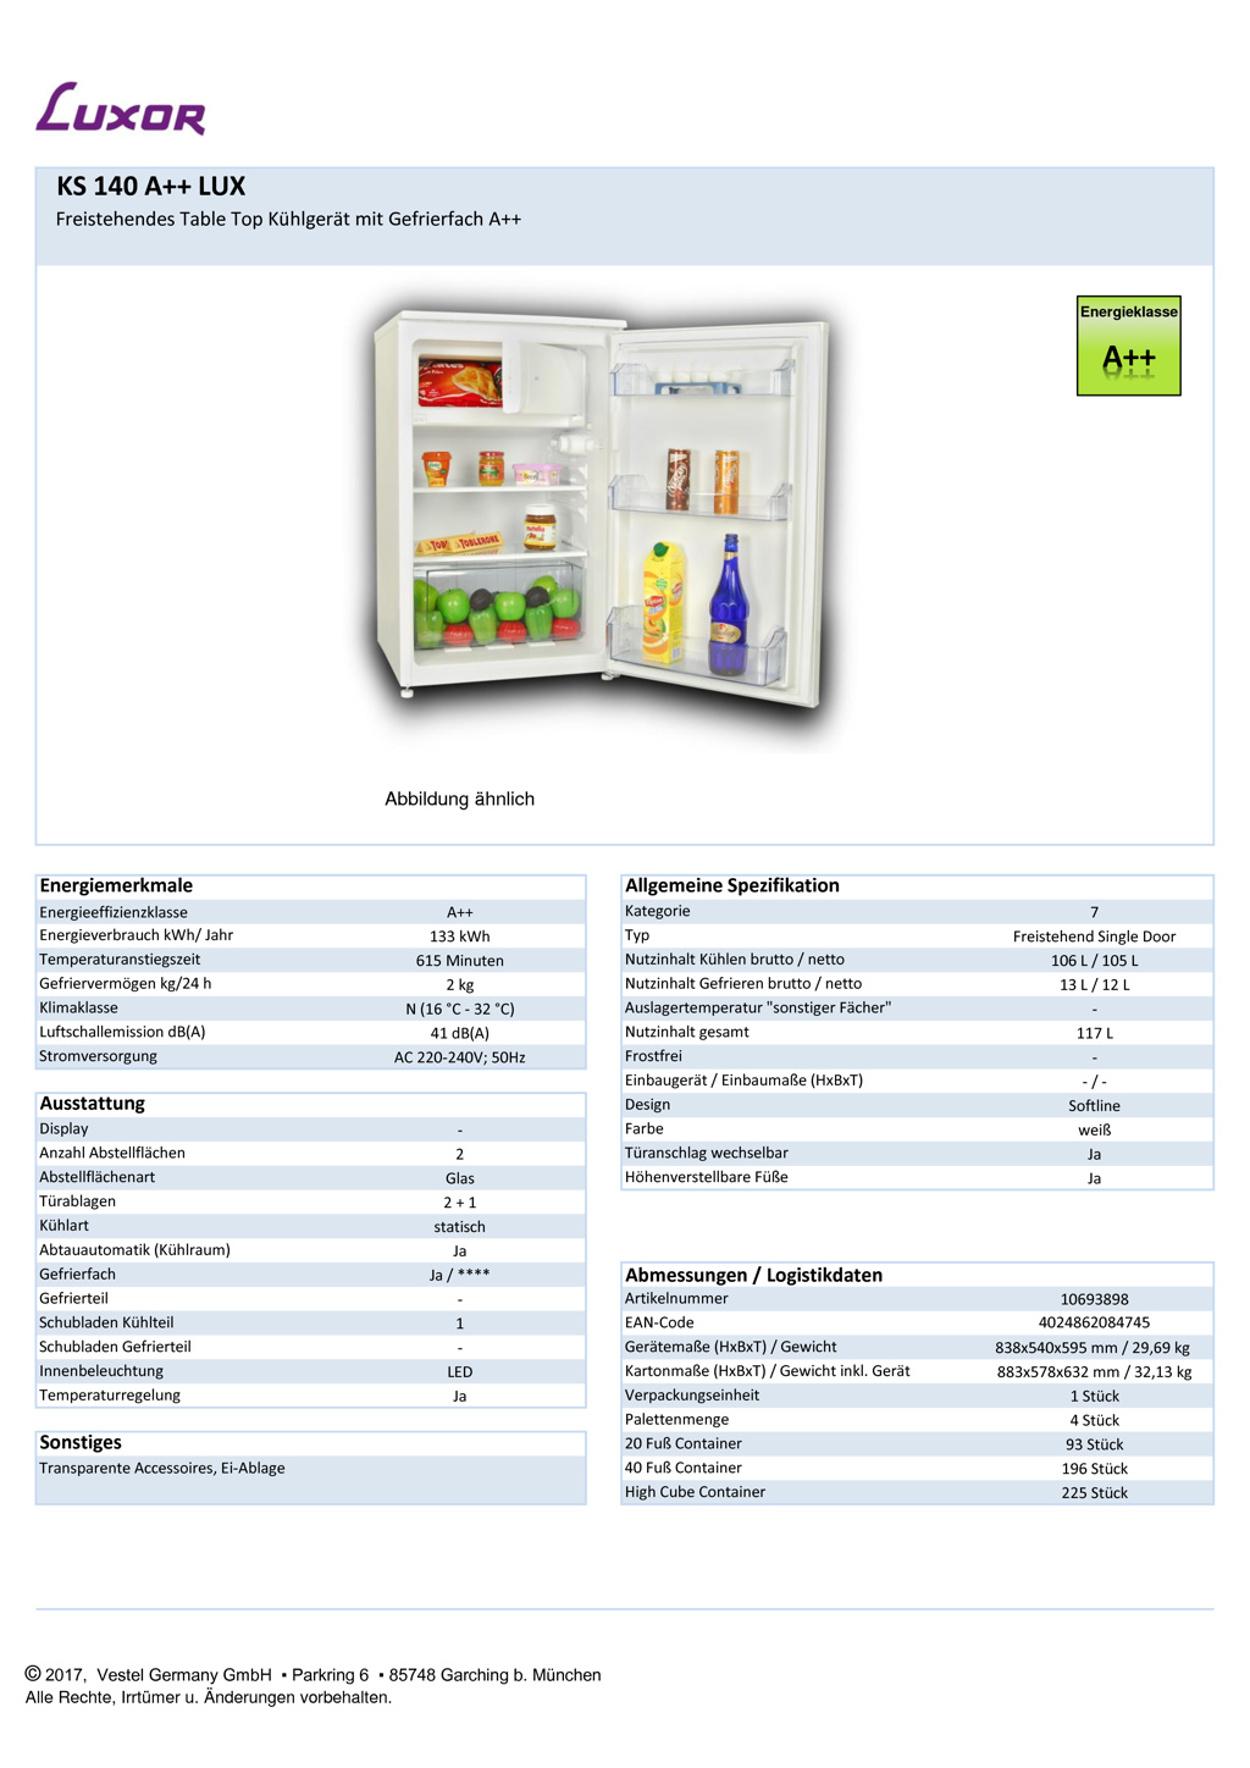 Luxor KS 140 A++ LUX Kühlschrank mit Gefrierfach / EEK: A++